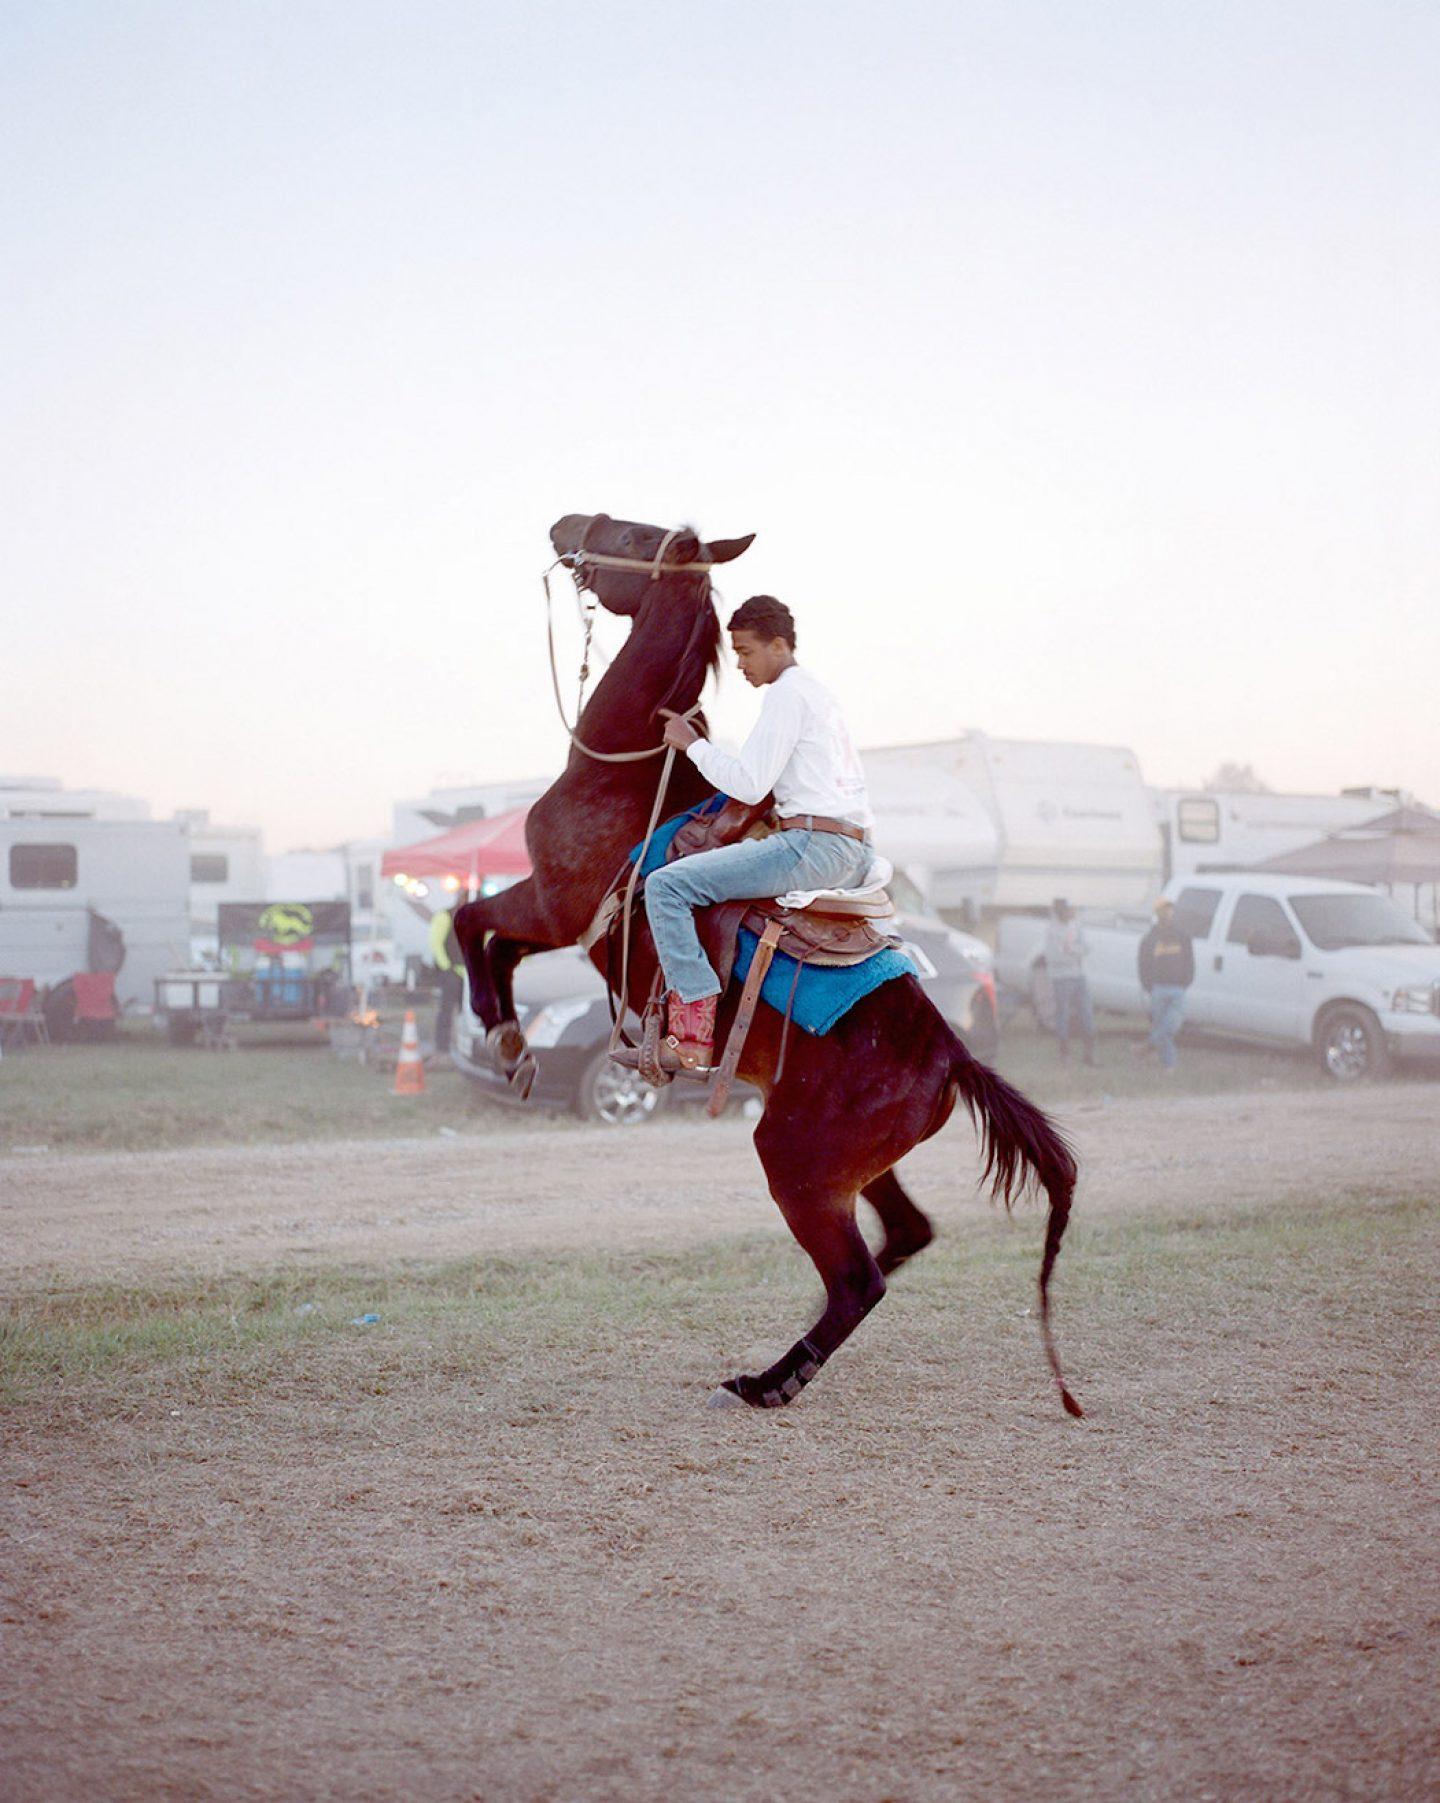 iGNANT_Photography_Southern_Riderz_Akasha_Rabut_08